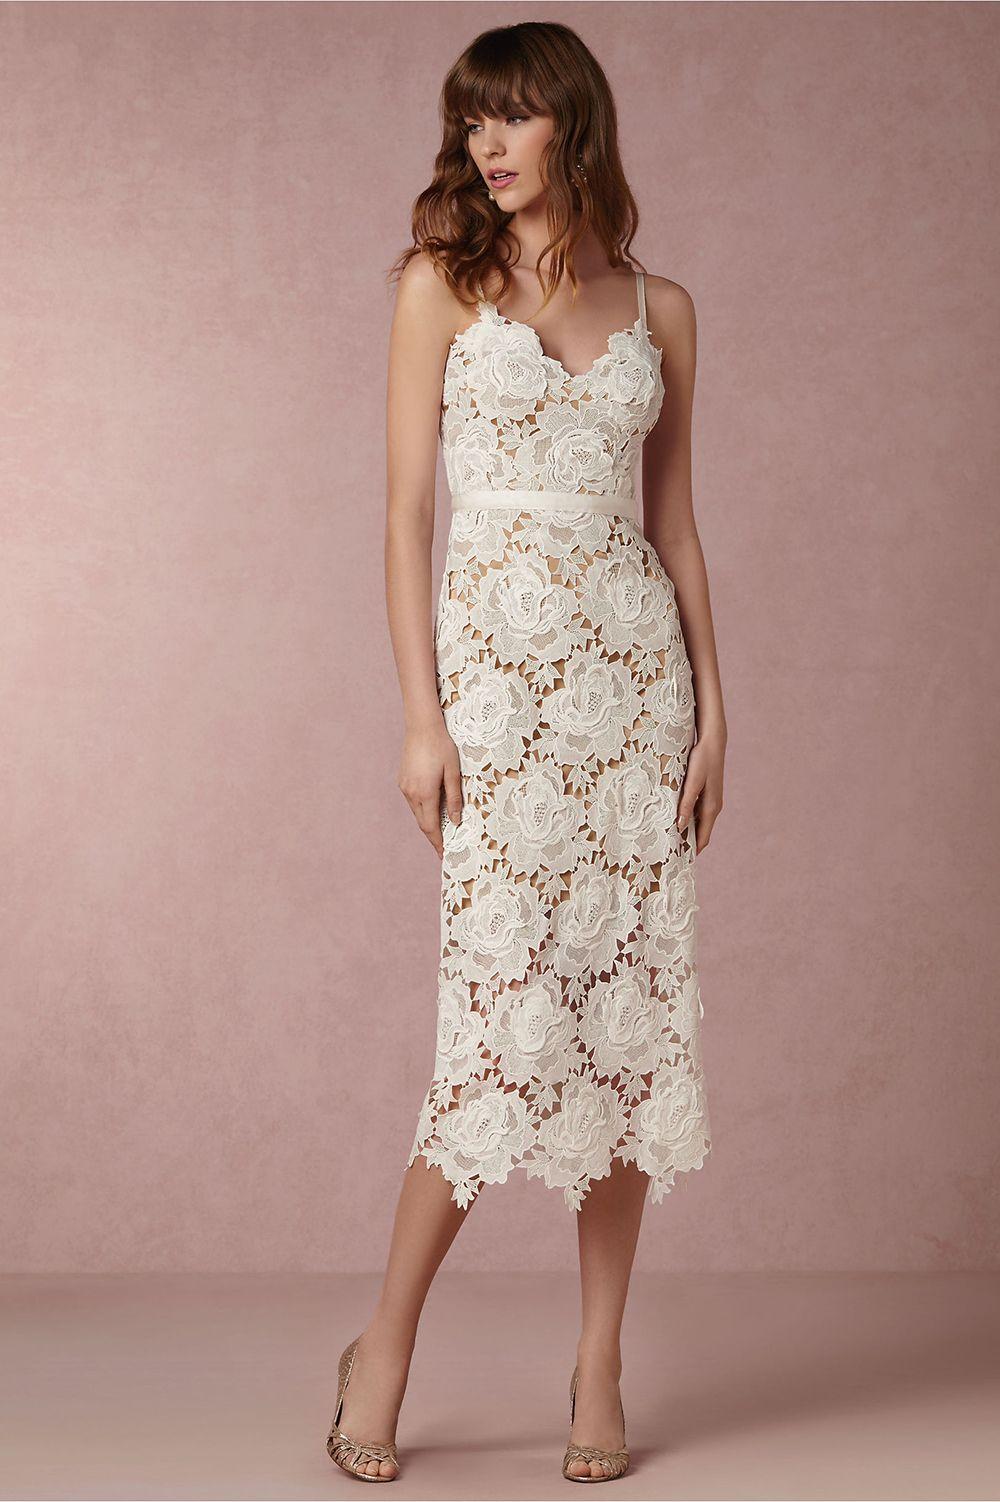 Fancy Friday – BHLDN Wedding Gowns | Vestiditos